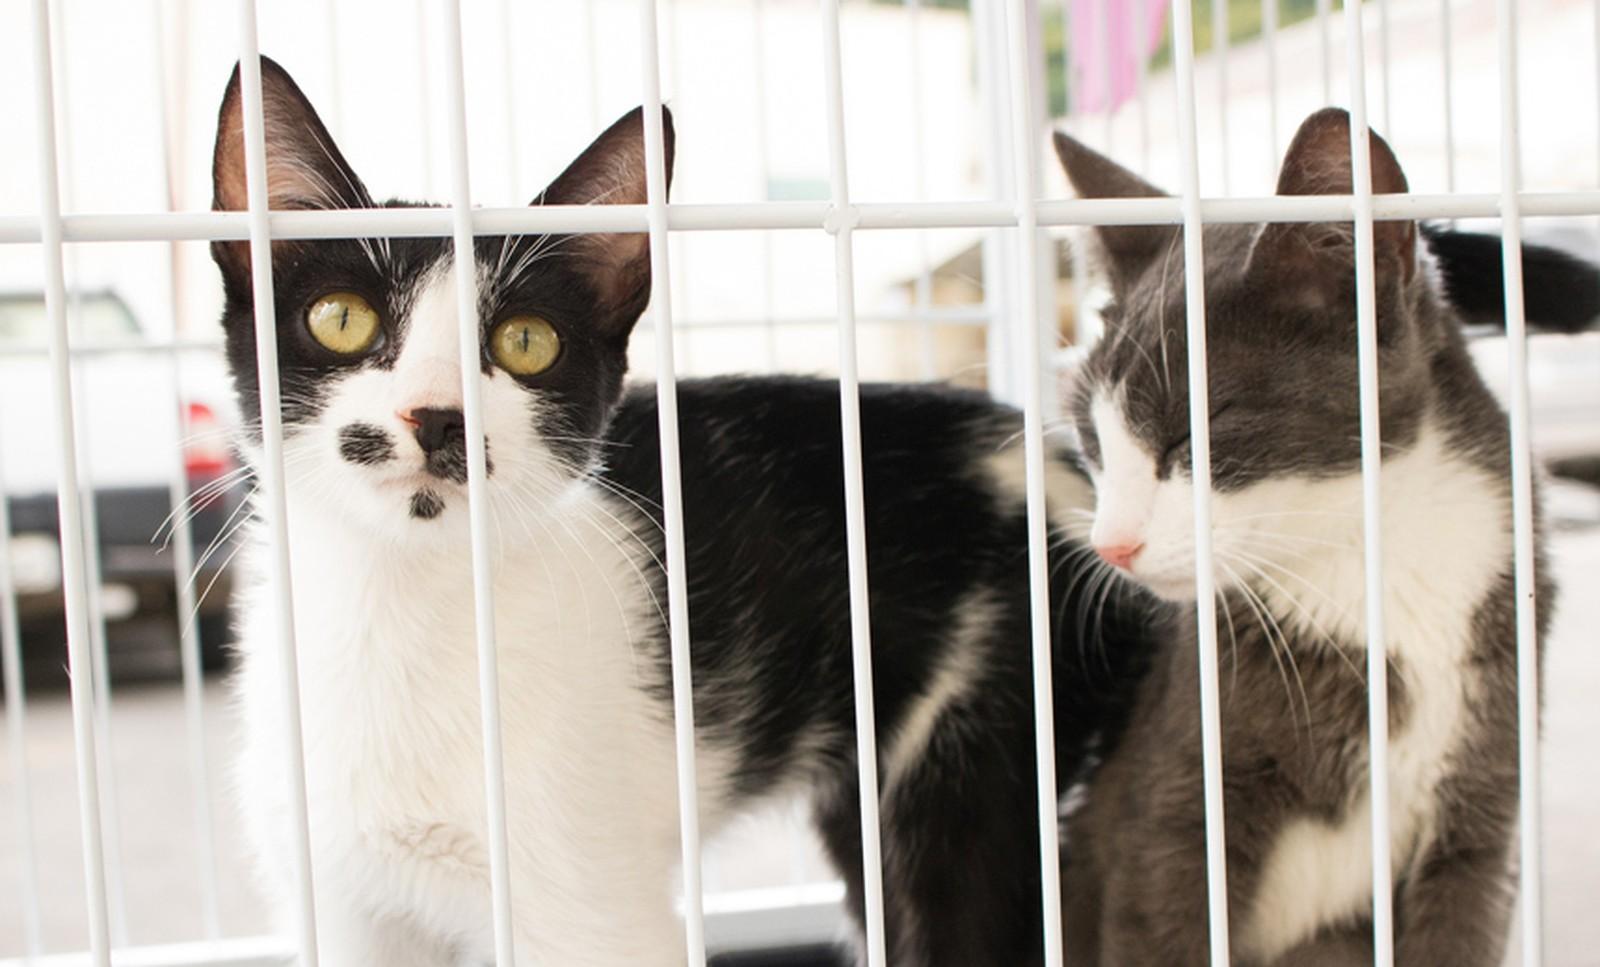 Prefeitura oferece castração gratuita de gatos em Natal